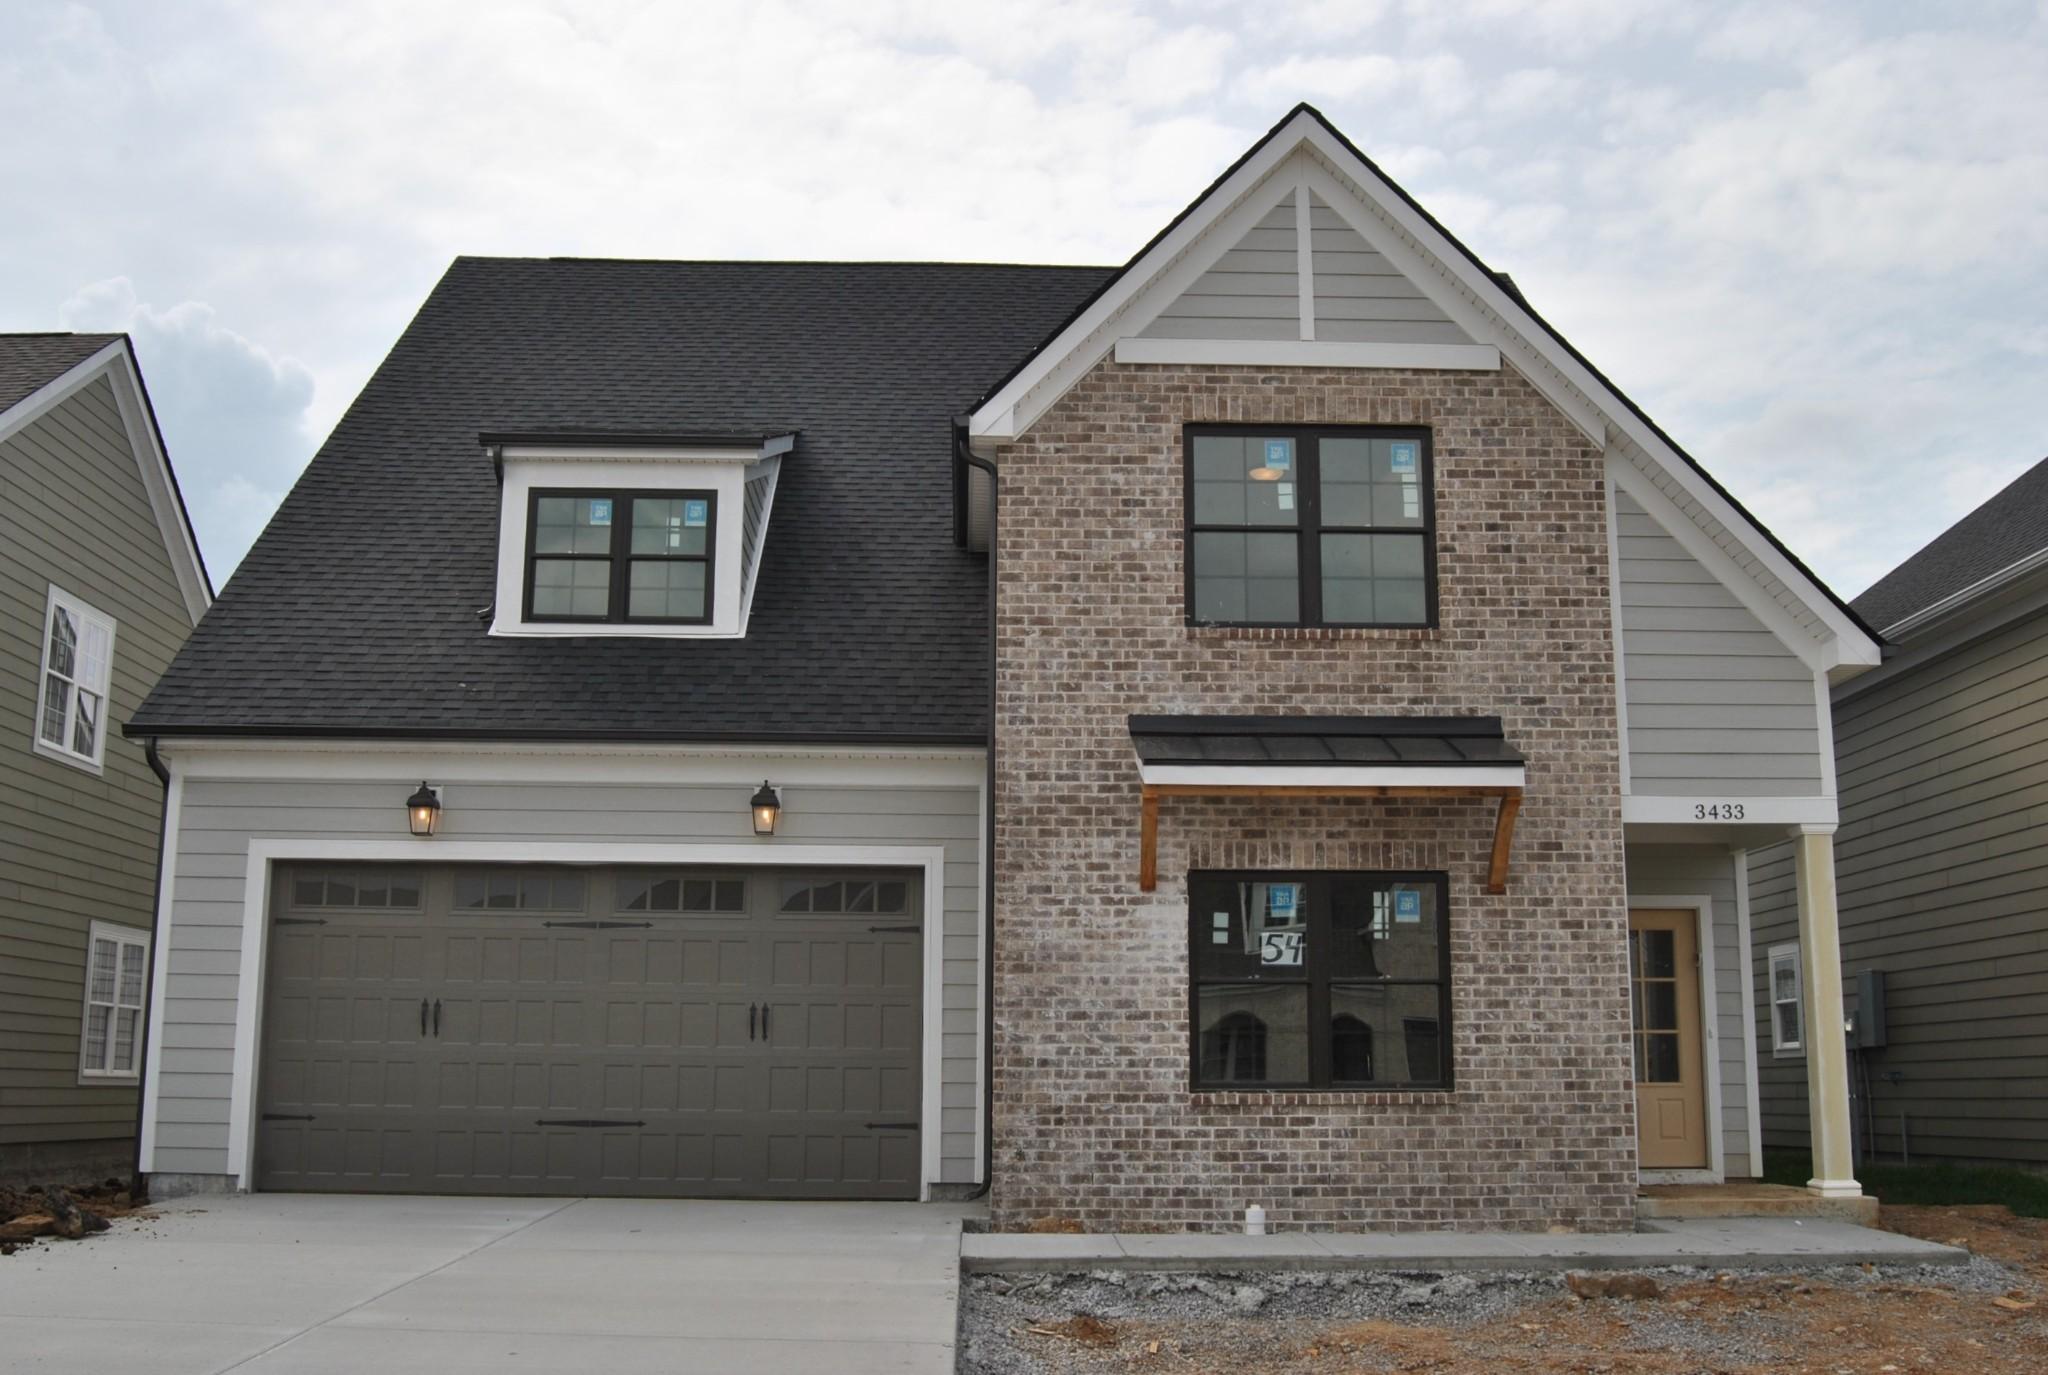 3433 Caroline Farms Drive L54, Murfreesboro, TN 37129 - Murfreesboro, TN real estate listing